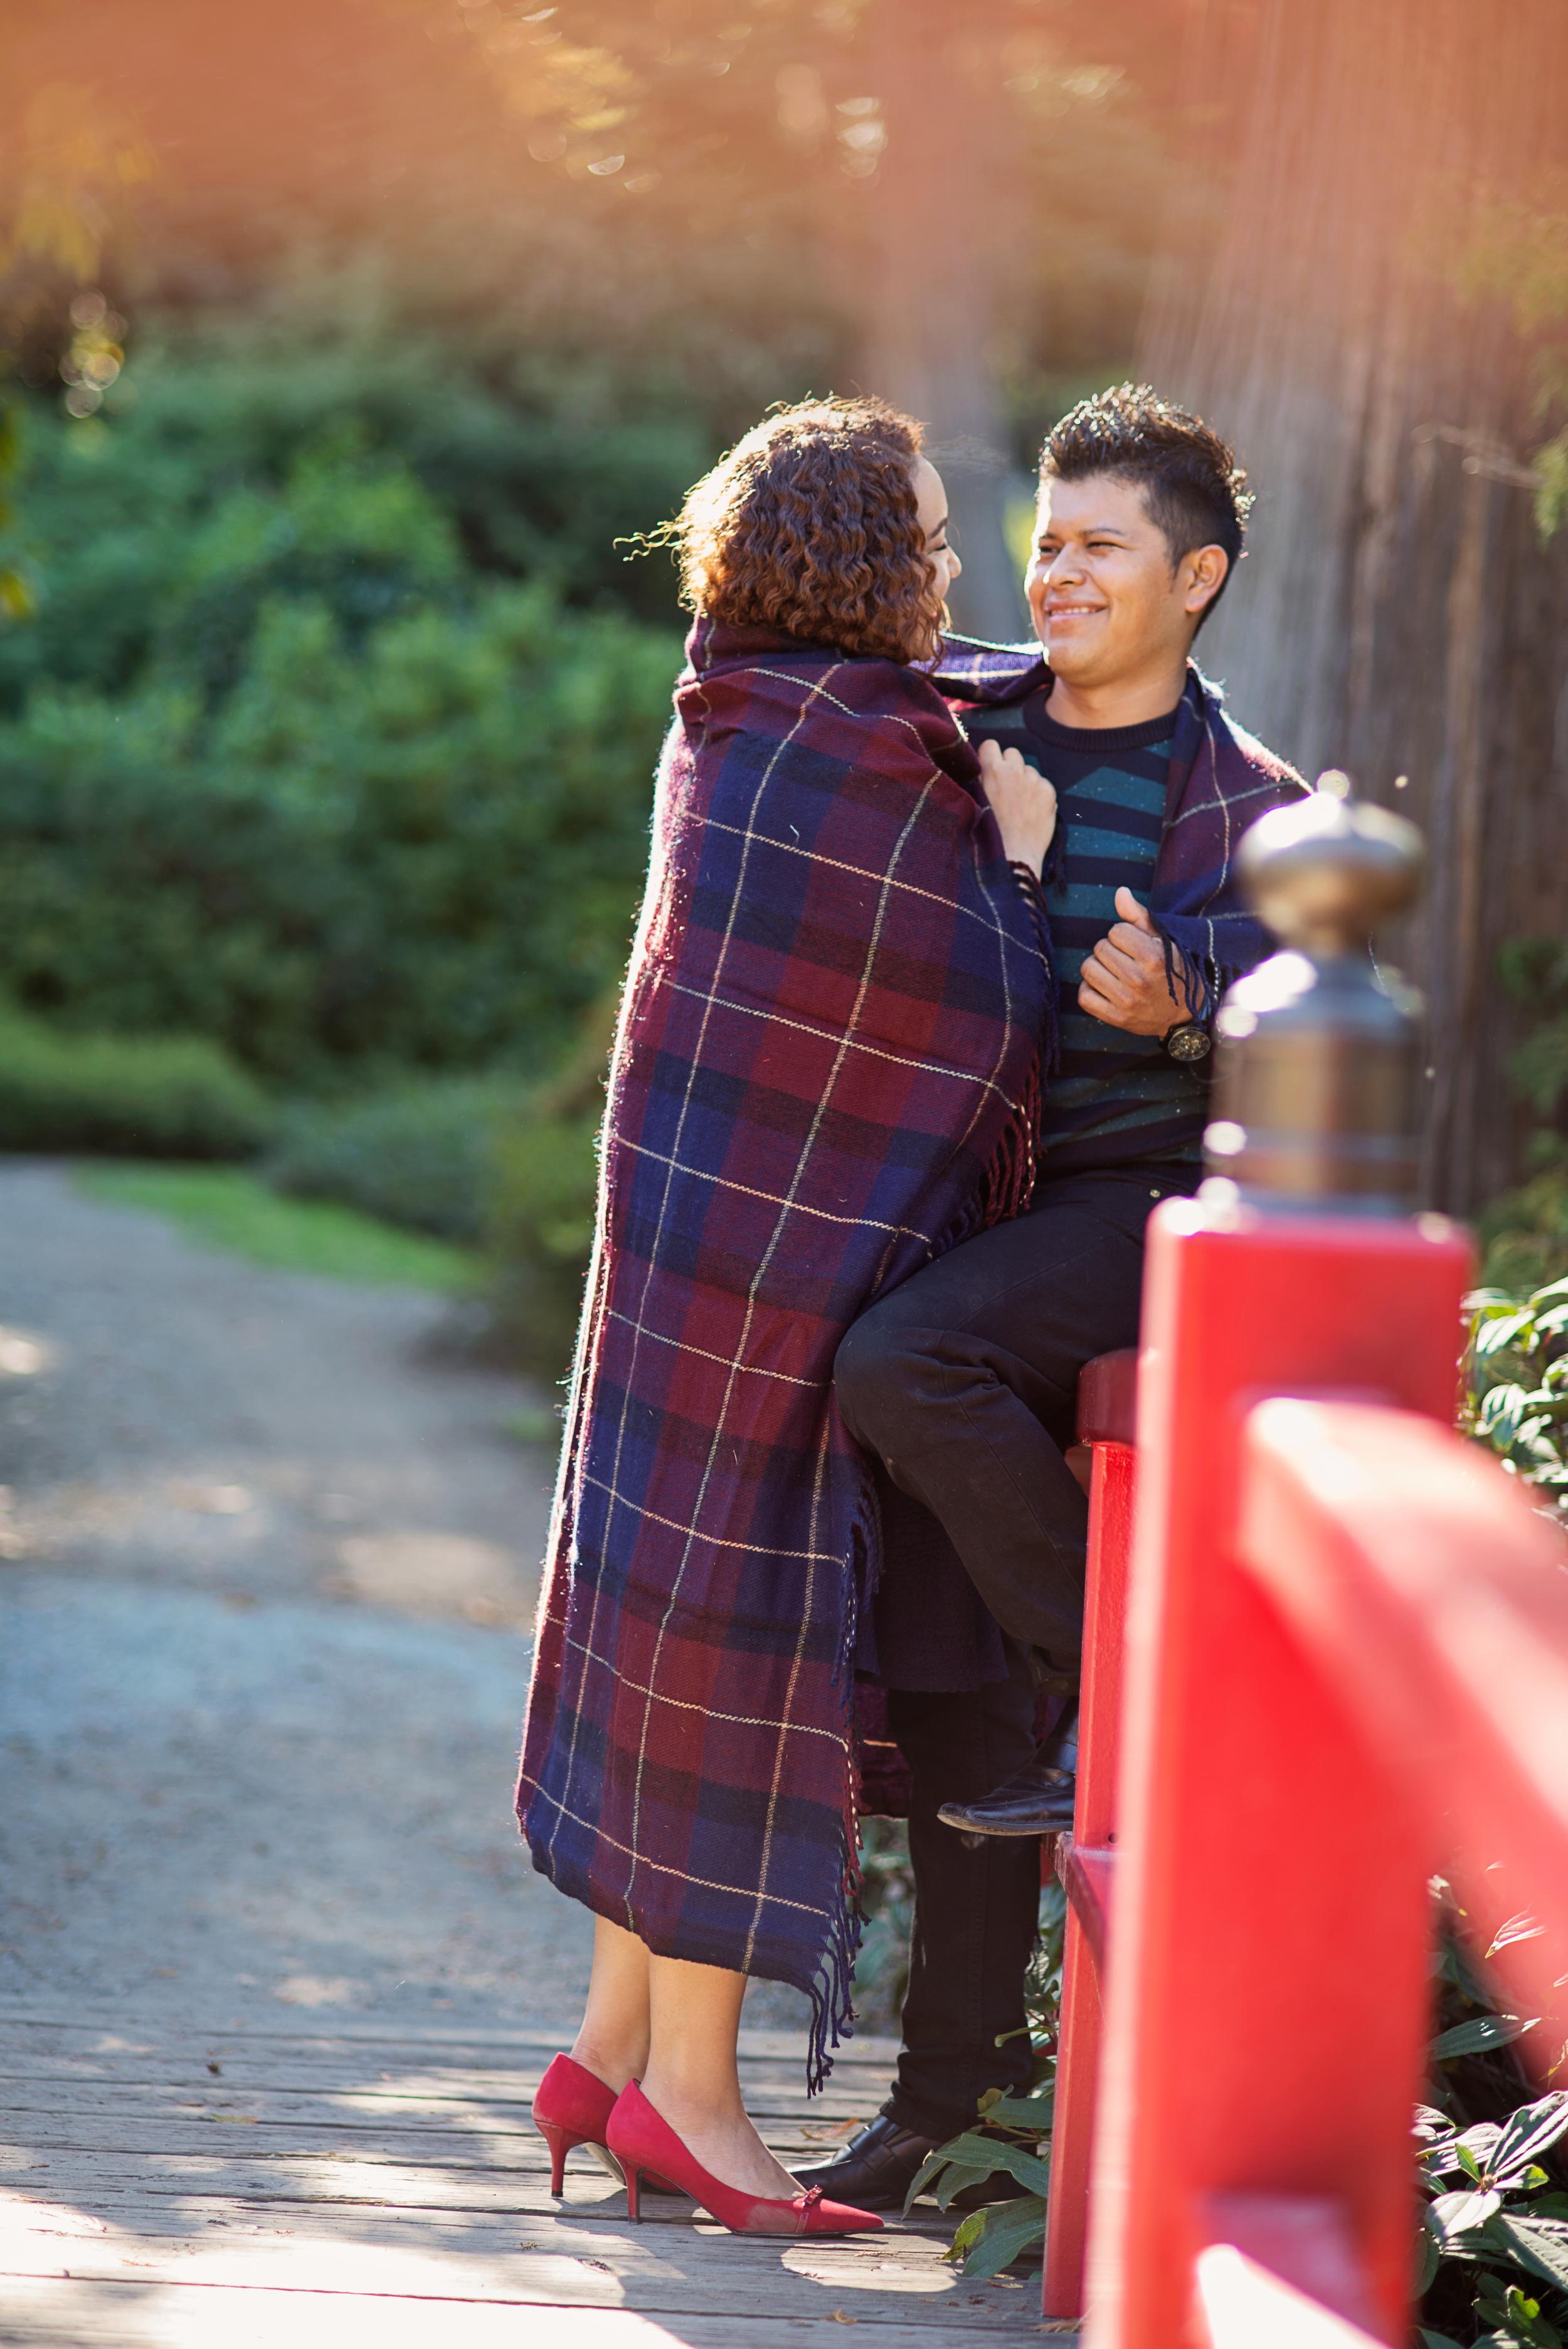 Seattle-Wedding-Photographer,-Kelsey-Lane-Photography_Esther-+-Israel_Kubota-Park-Engagement-2015-28.jpg